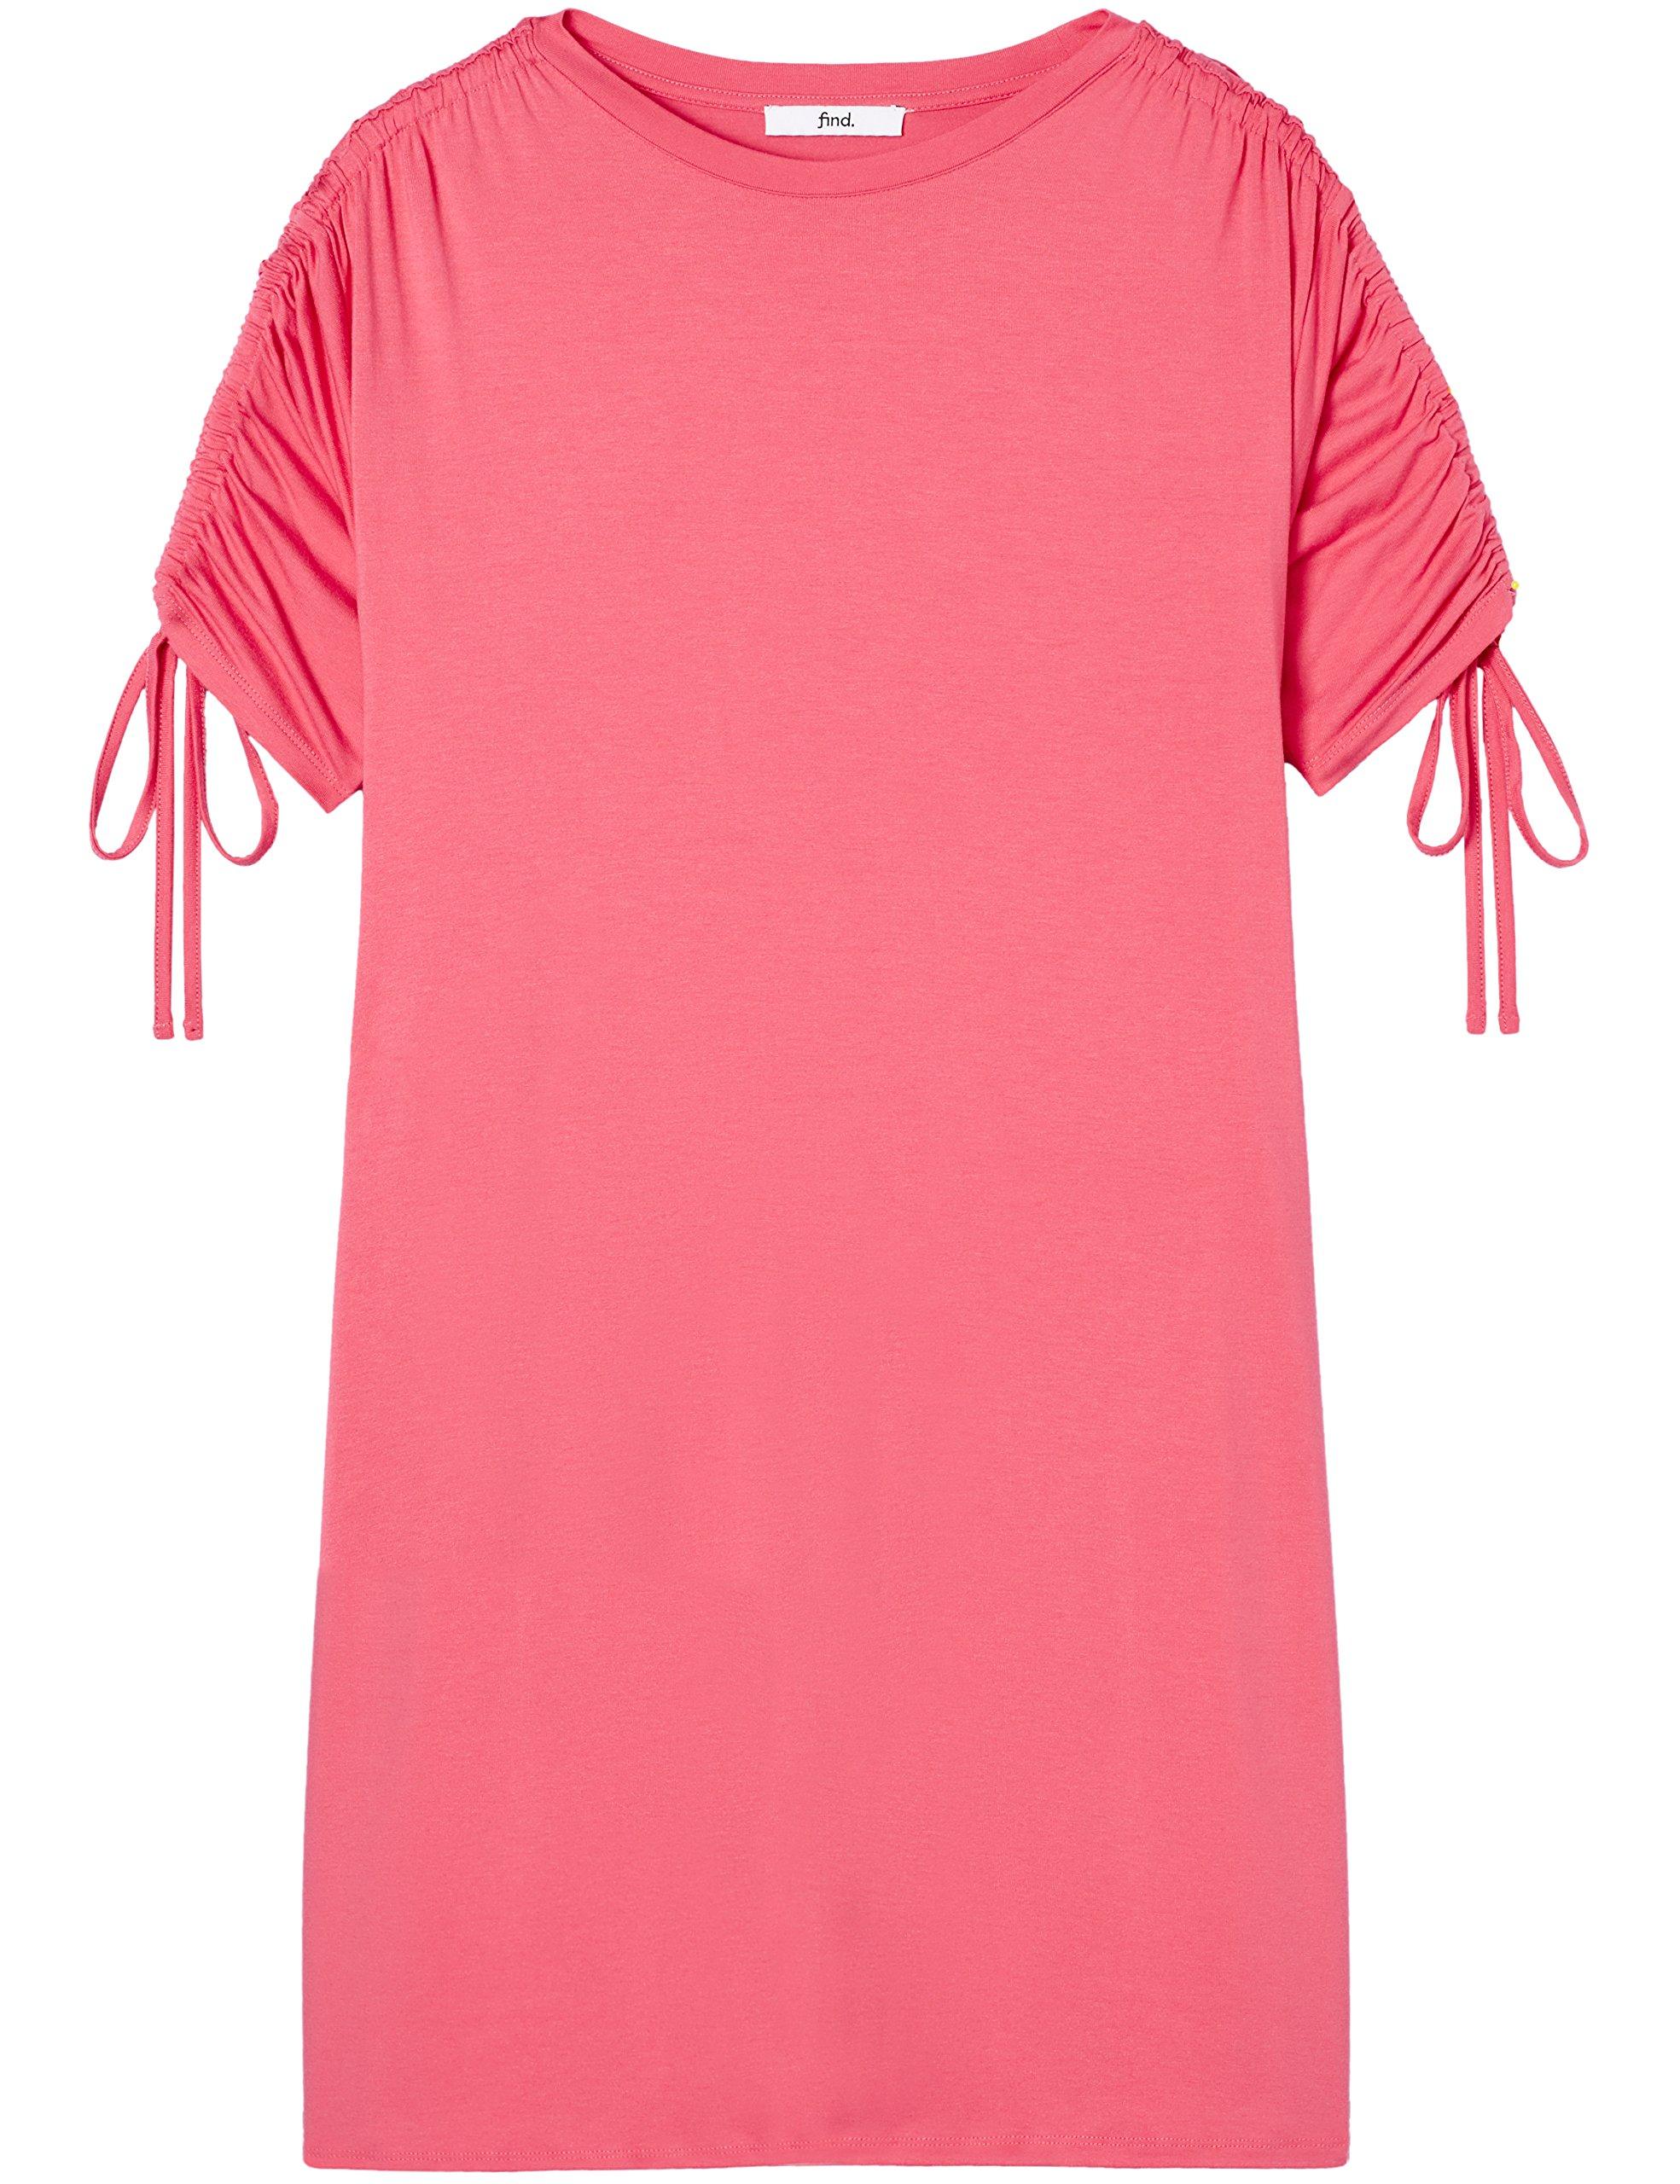 Marchio Amazon - find. Vestito Oversize con Manica Corta Donna 5 spesavip